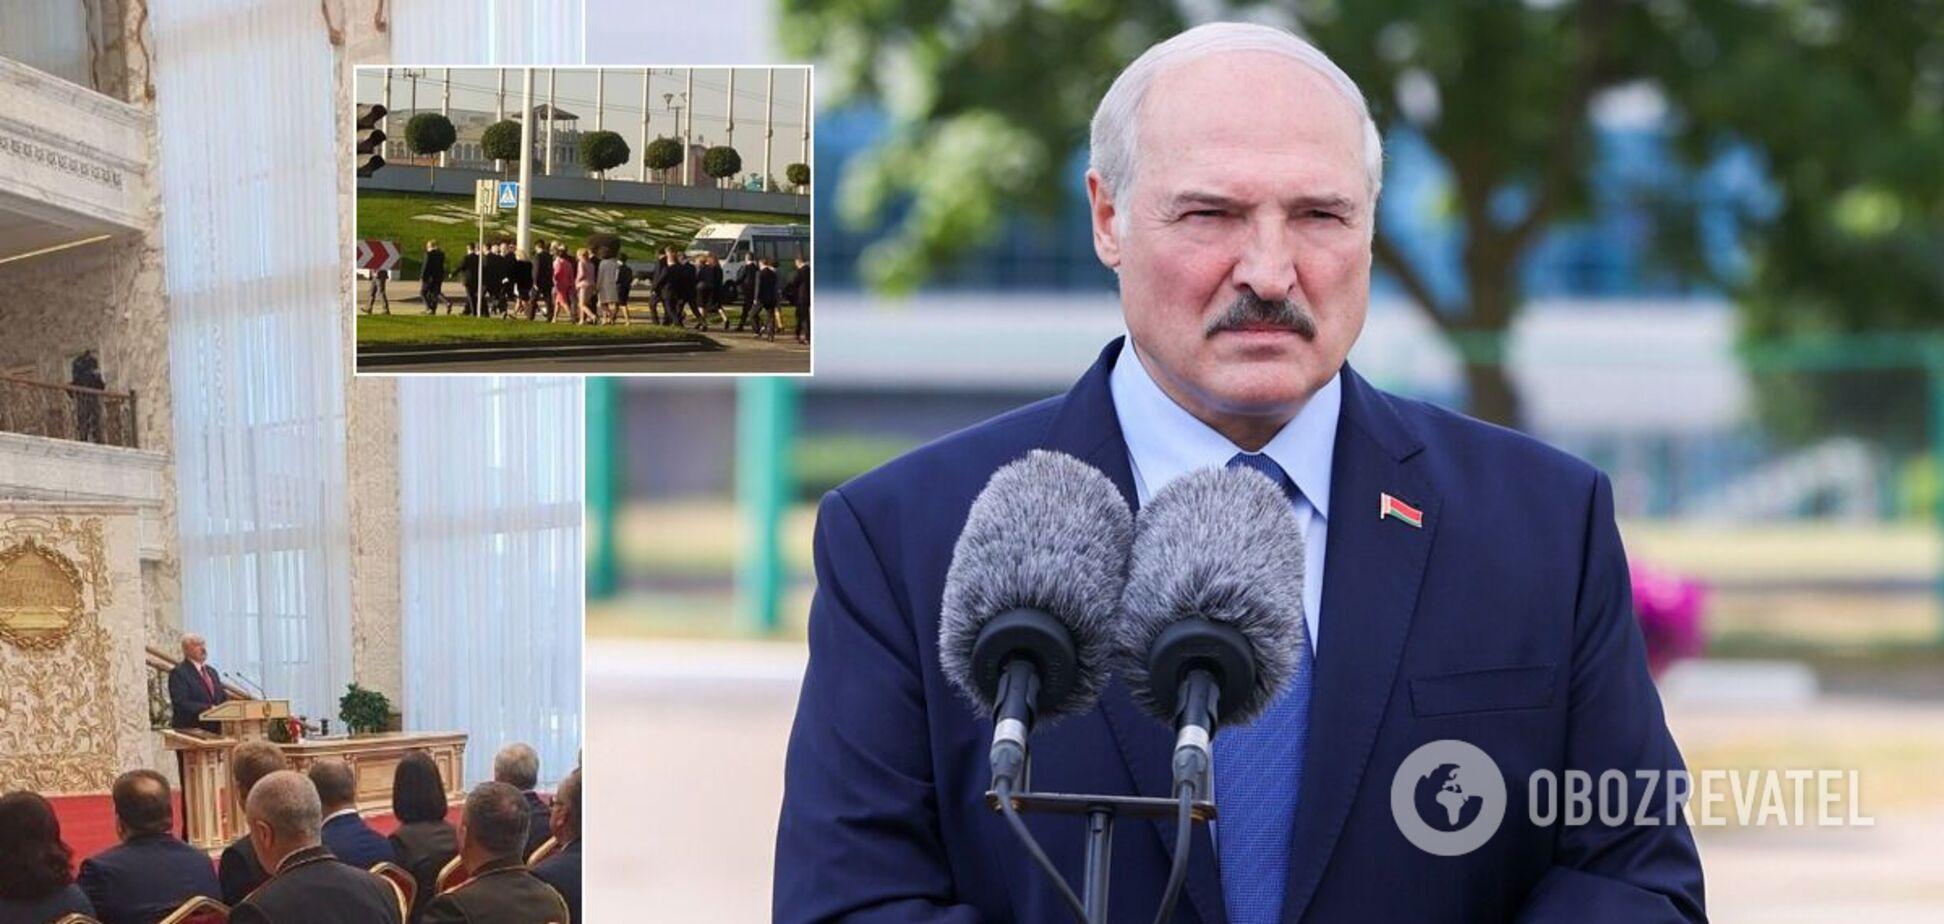 Александра Лукашенко заподозрили в тайной инаугурации